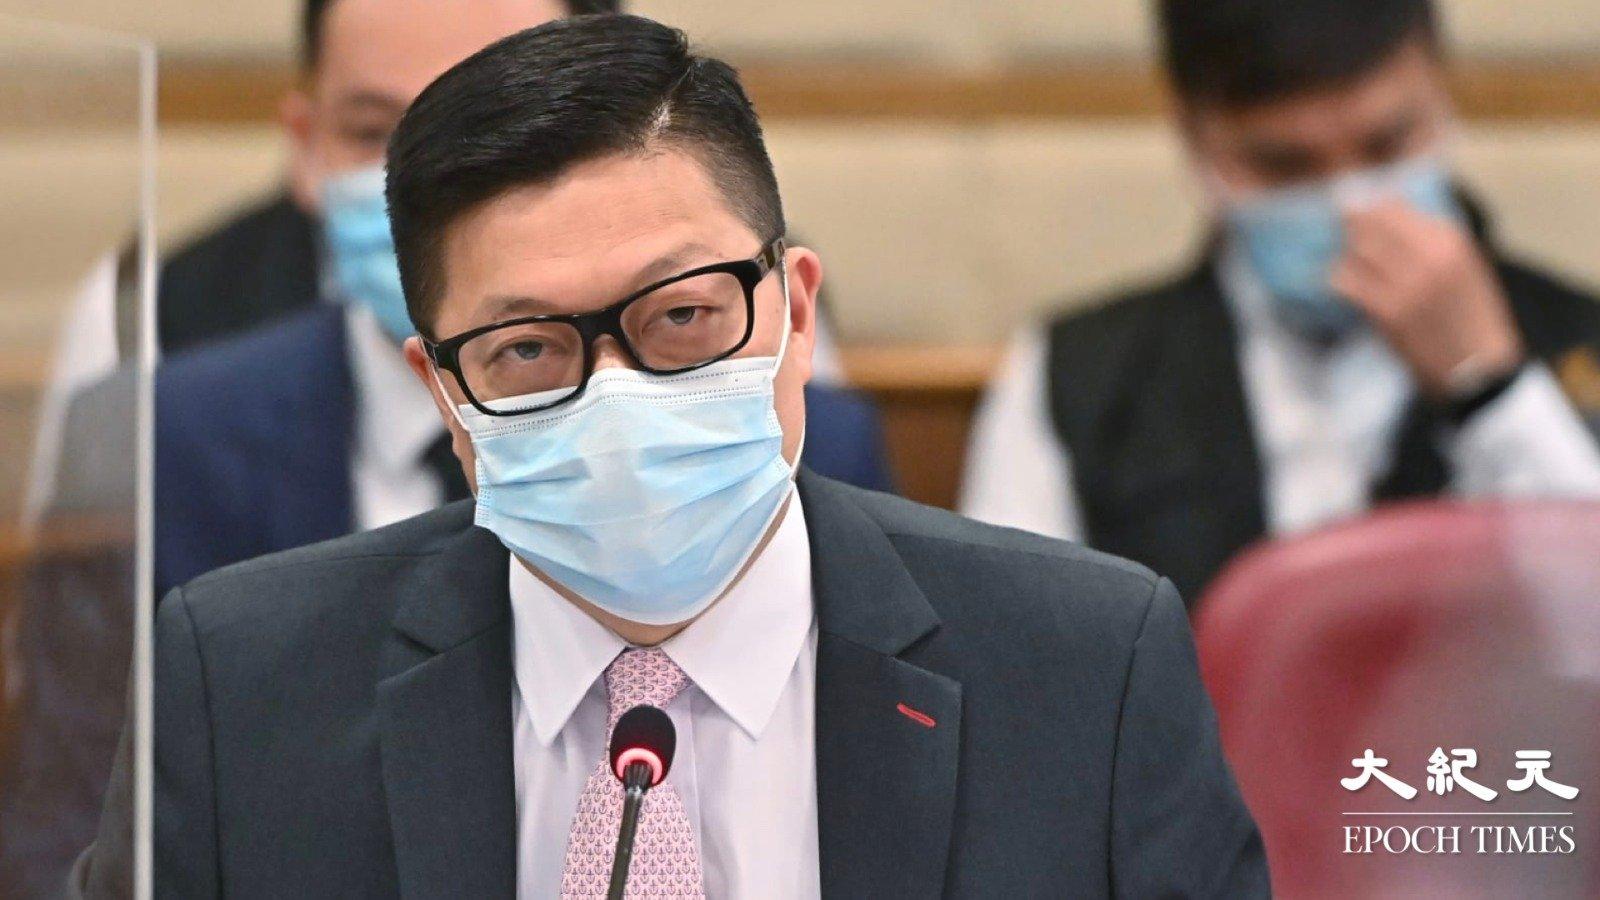 5月11日,記協嚴厲譴責鄧炳強,指他作為執法部門首長,不應發放假訊息。 圖爲鄧炳強。(宋碧龍/大紀元)